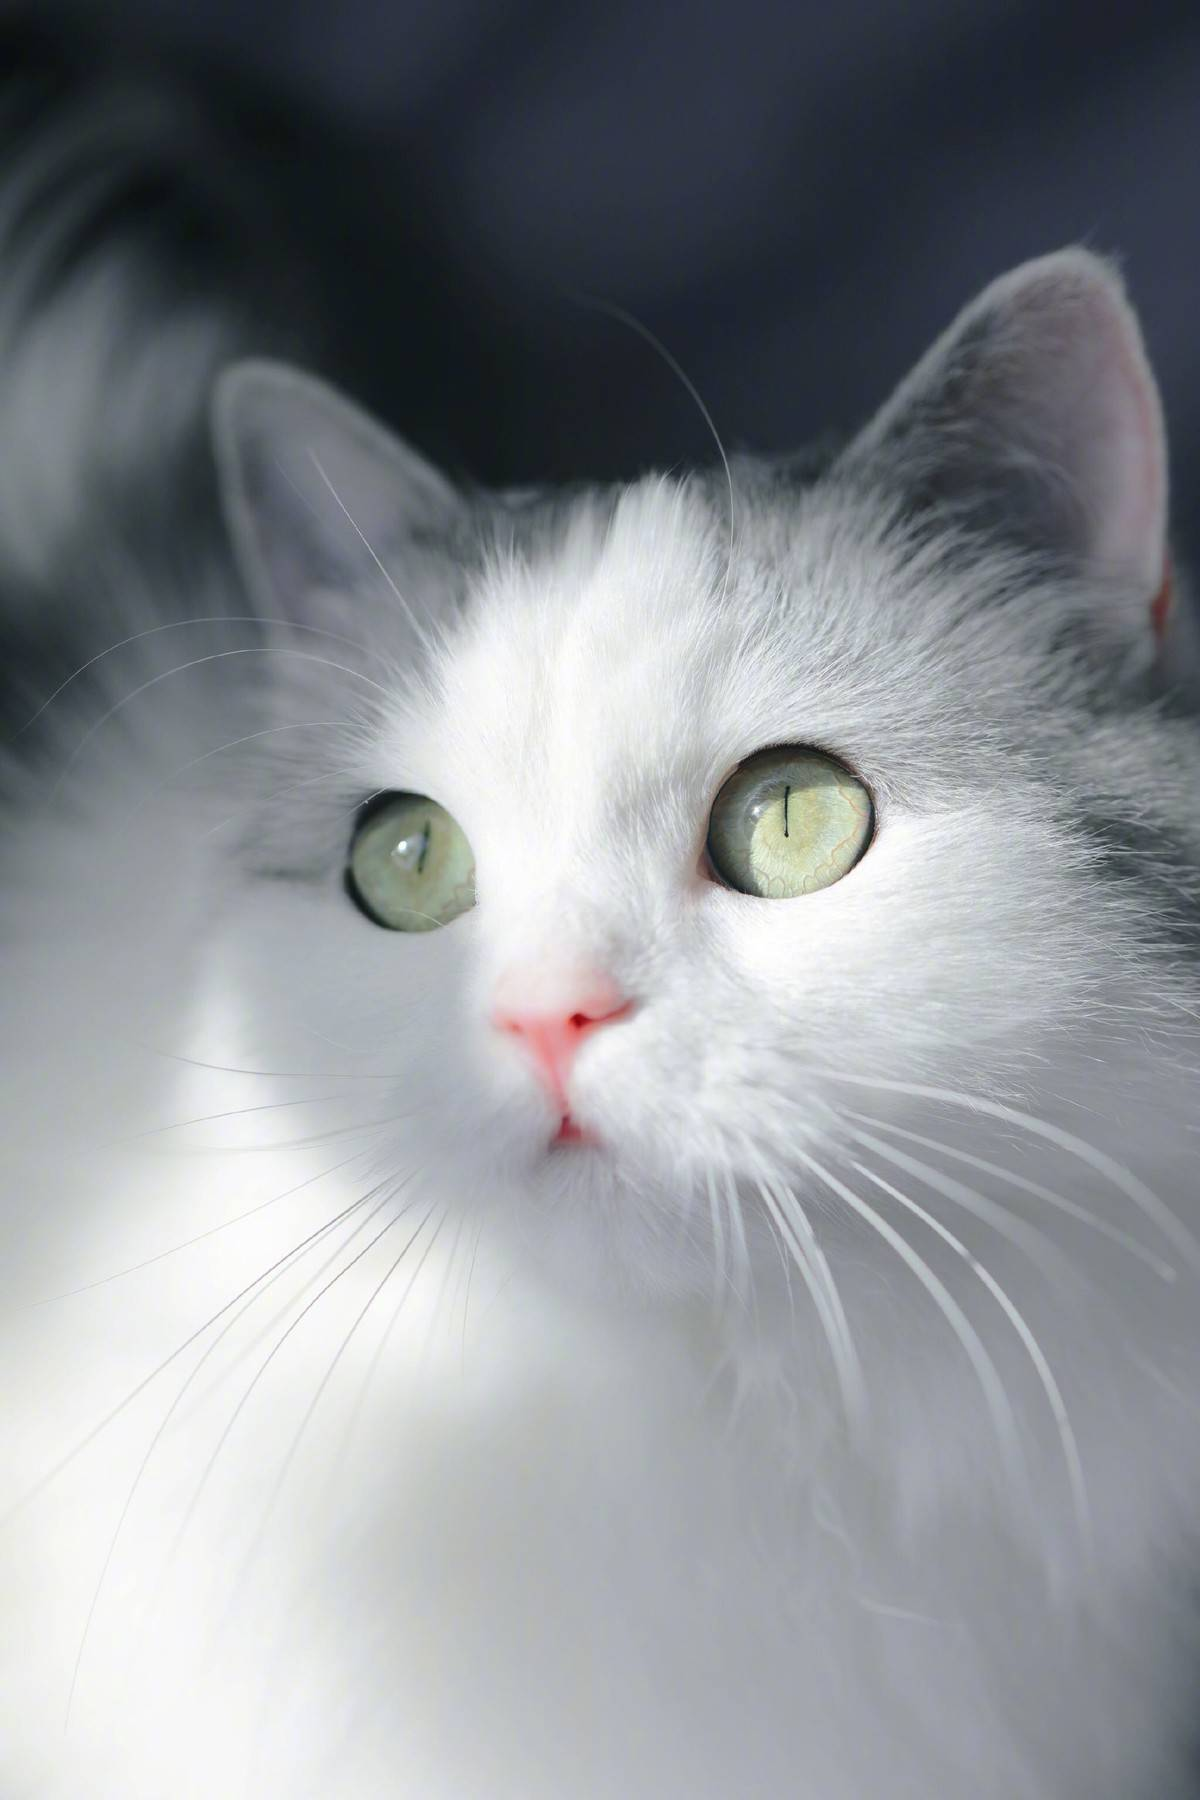 突然发现我们家猫跟微博网红馒头长的像呢,我们美牙黑眼线怎么没画上呢,太素颜啦